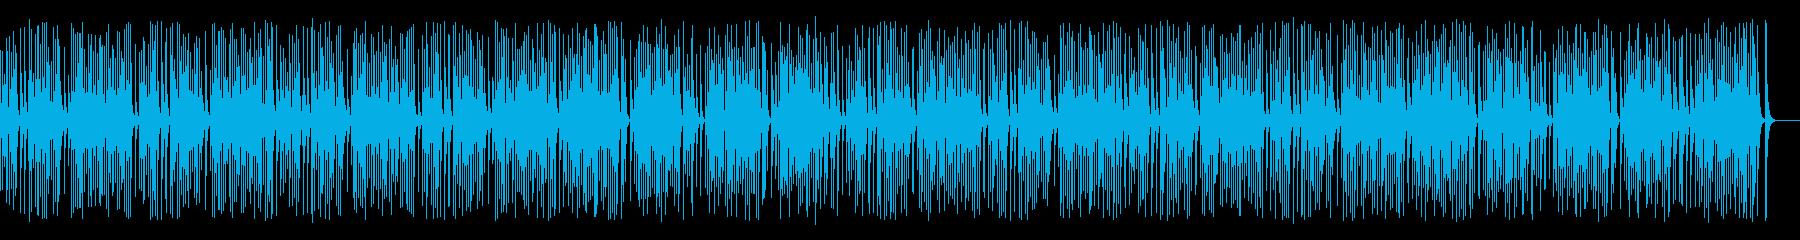 木琴がコロコロ可愛いレトロジャズの再生済みの波形